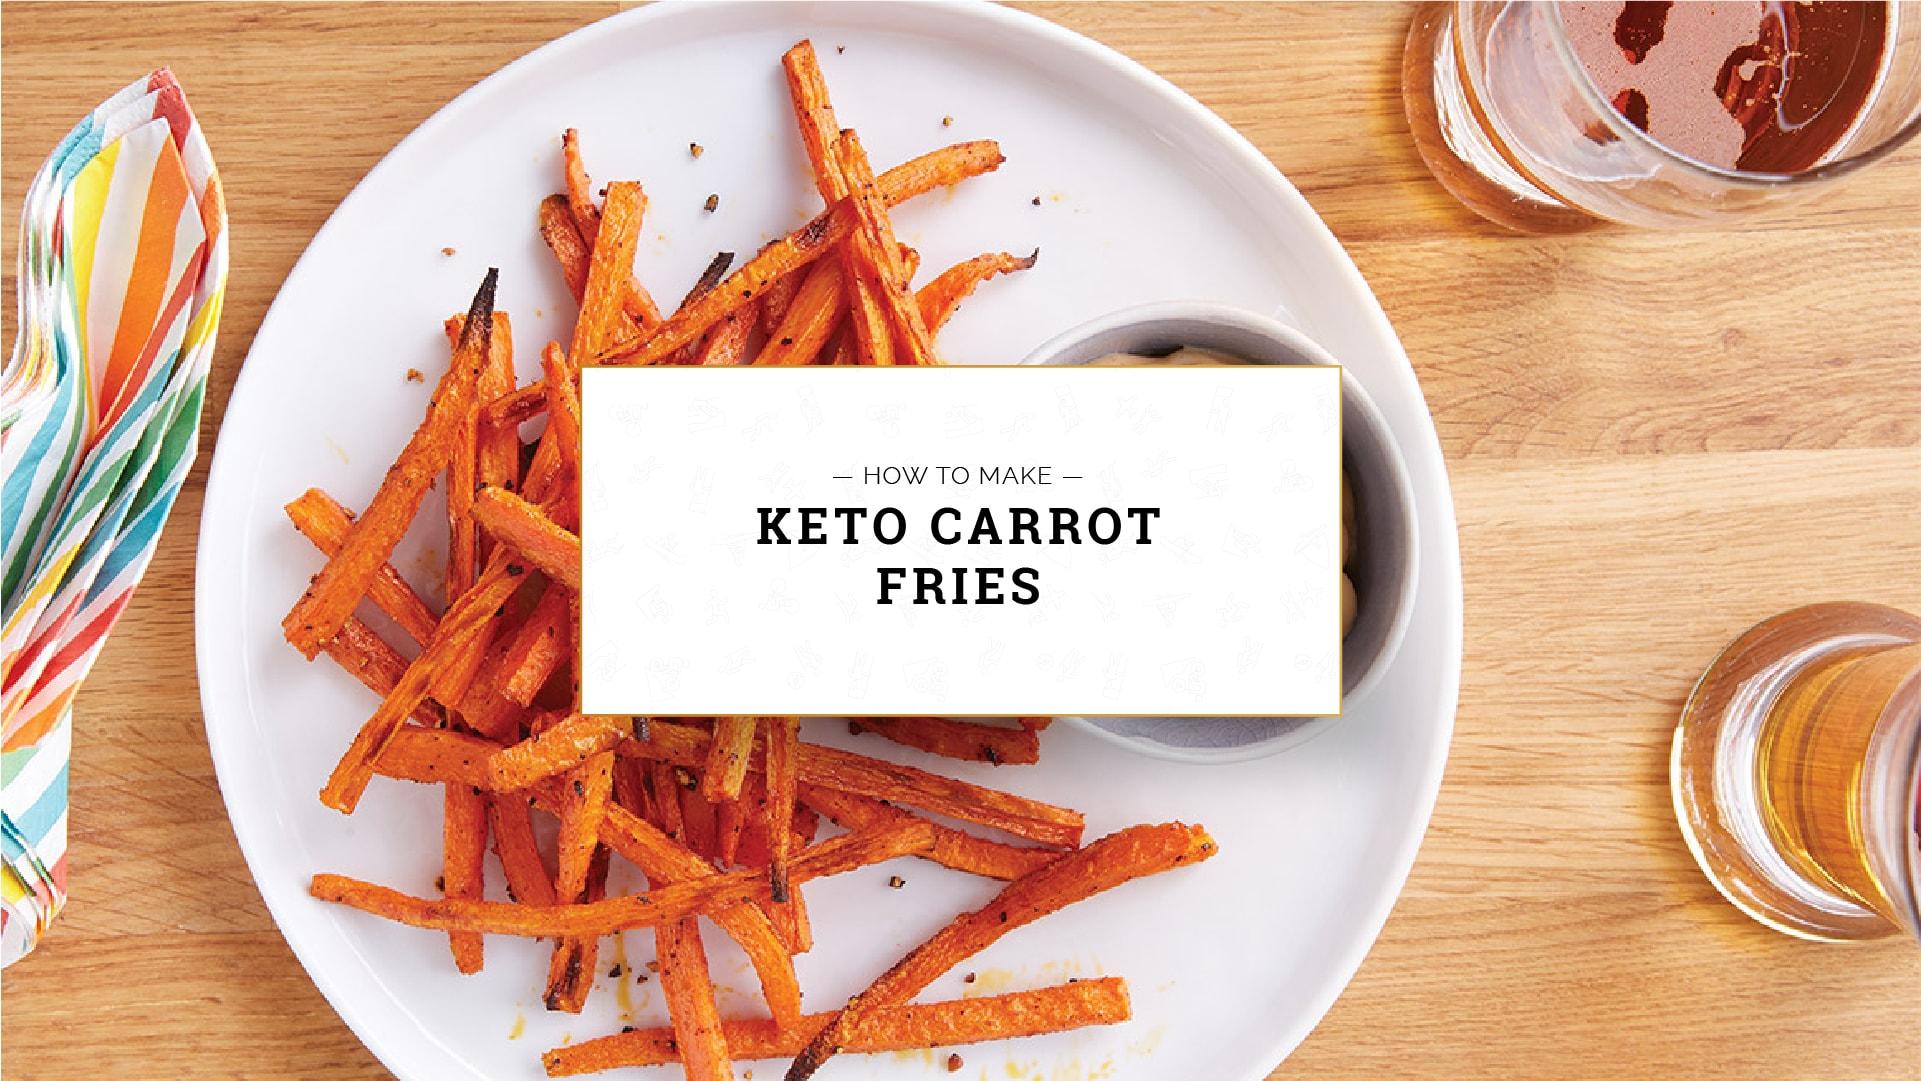 Keto Carrot Fries, how to make keto carrot fries